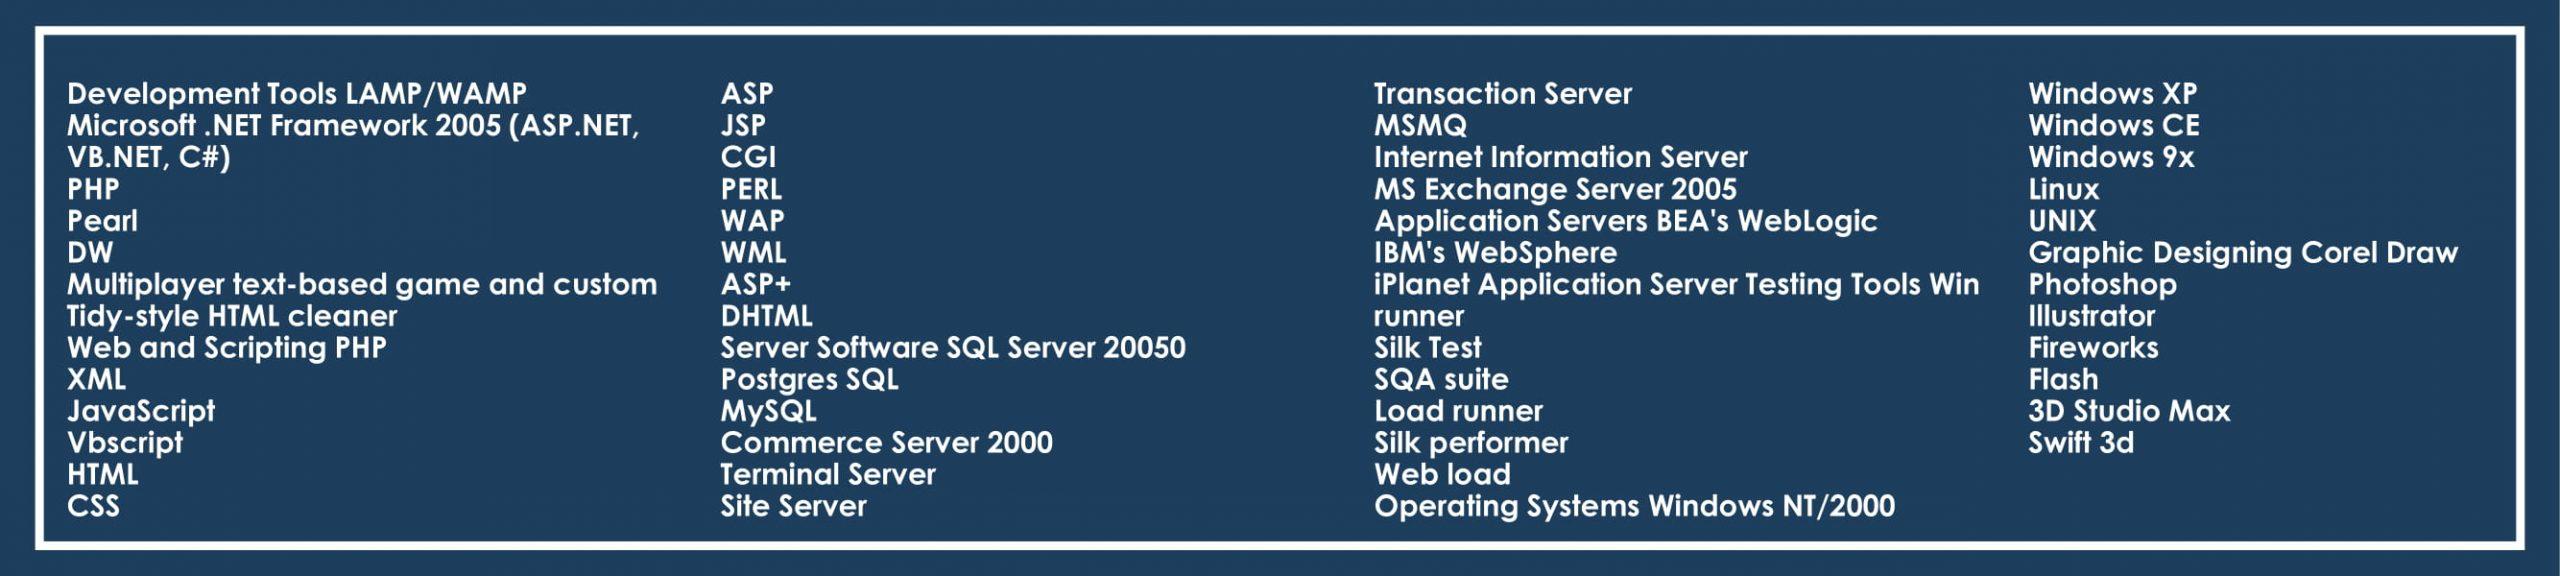 madaar technologies platforms services